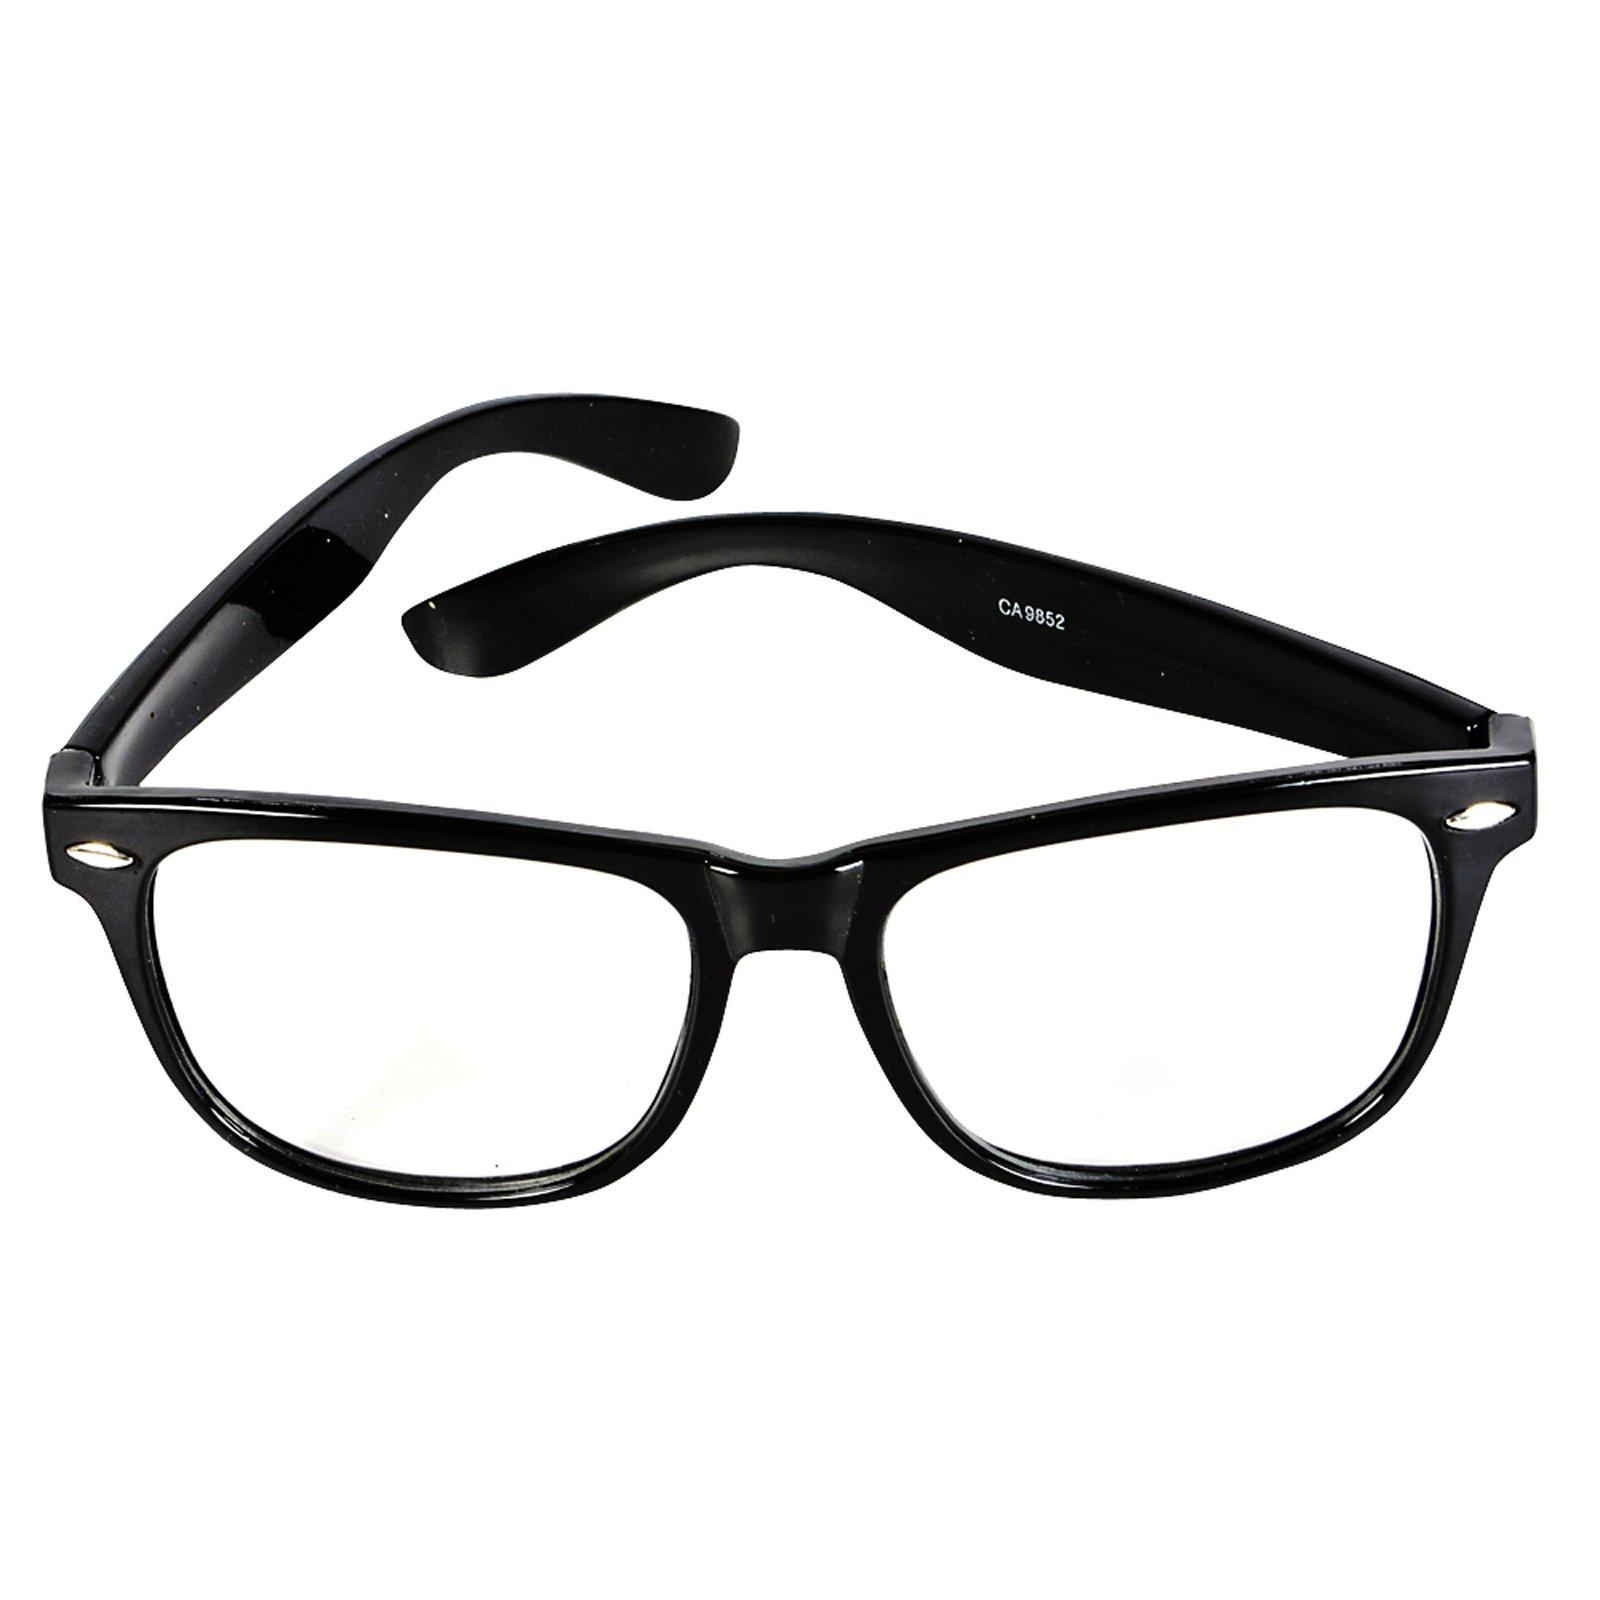 Eyeglasses eye glasses clip art 2